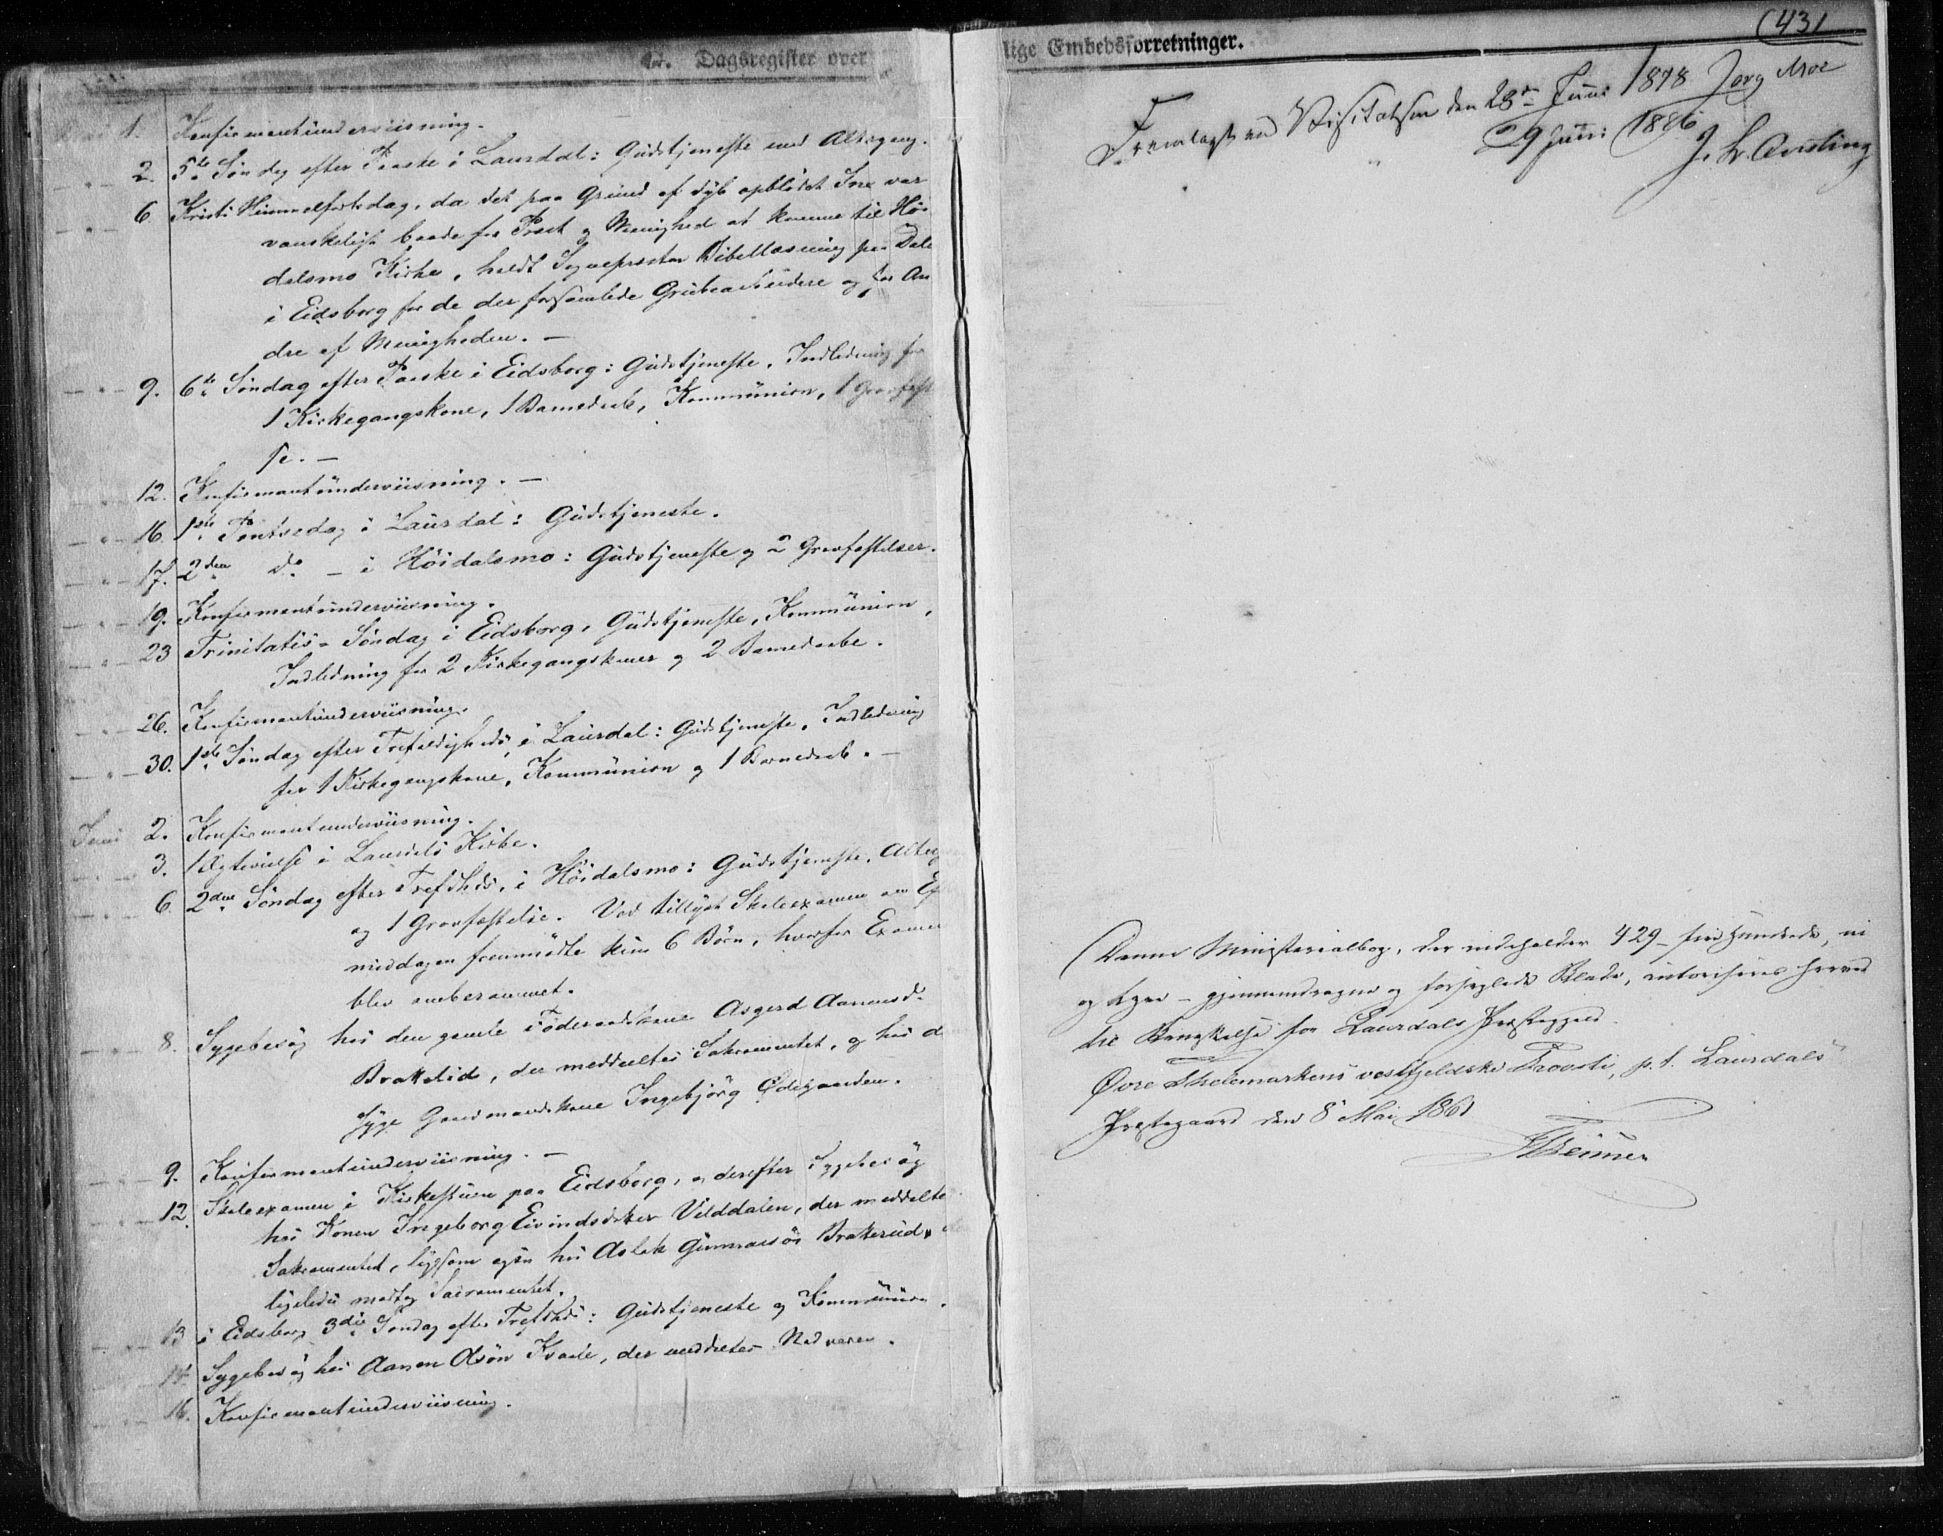 SAKO, Lårdal kirkebøker, F/Fa/L0006: Ministerialbok nr. I 6, 1861-1886, s. 431